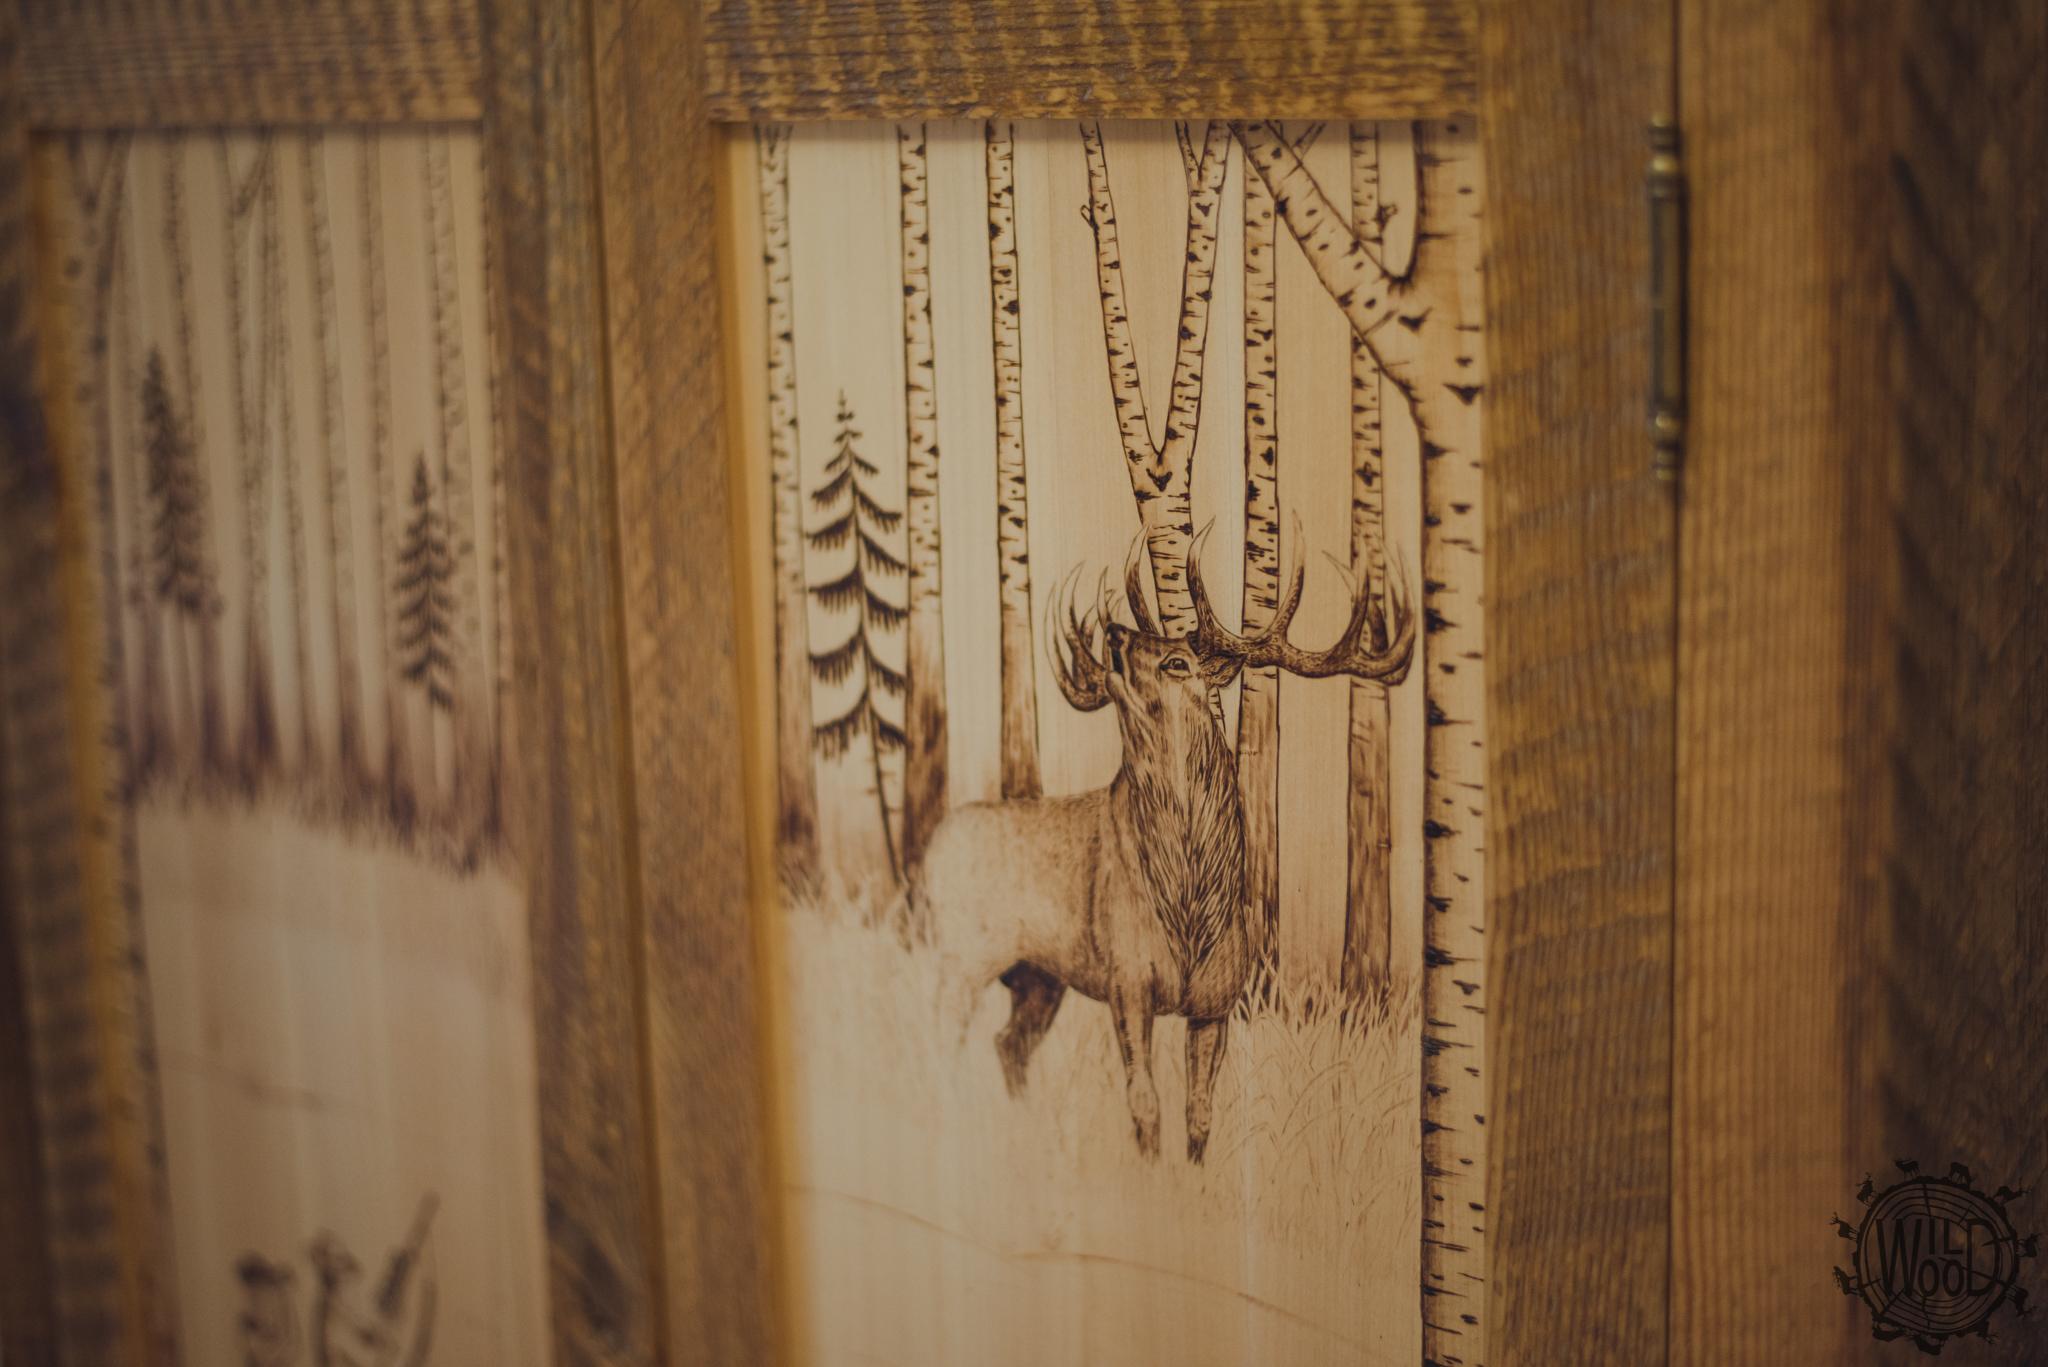 usługi stolarskie białystok, nietypowe meble białystok, usługi stolarskie podlaskie, wildwood, stolarz białystok, szafka z motywem myśliwskim, meble z motywem myśliwskim, jeleń w drewnie